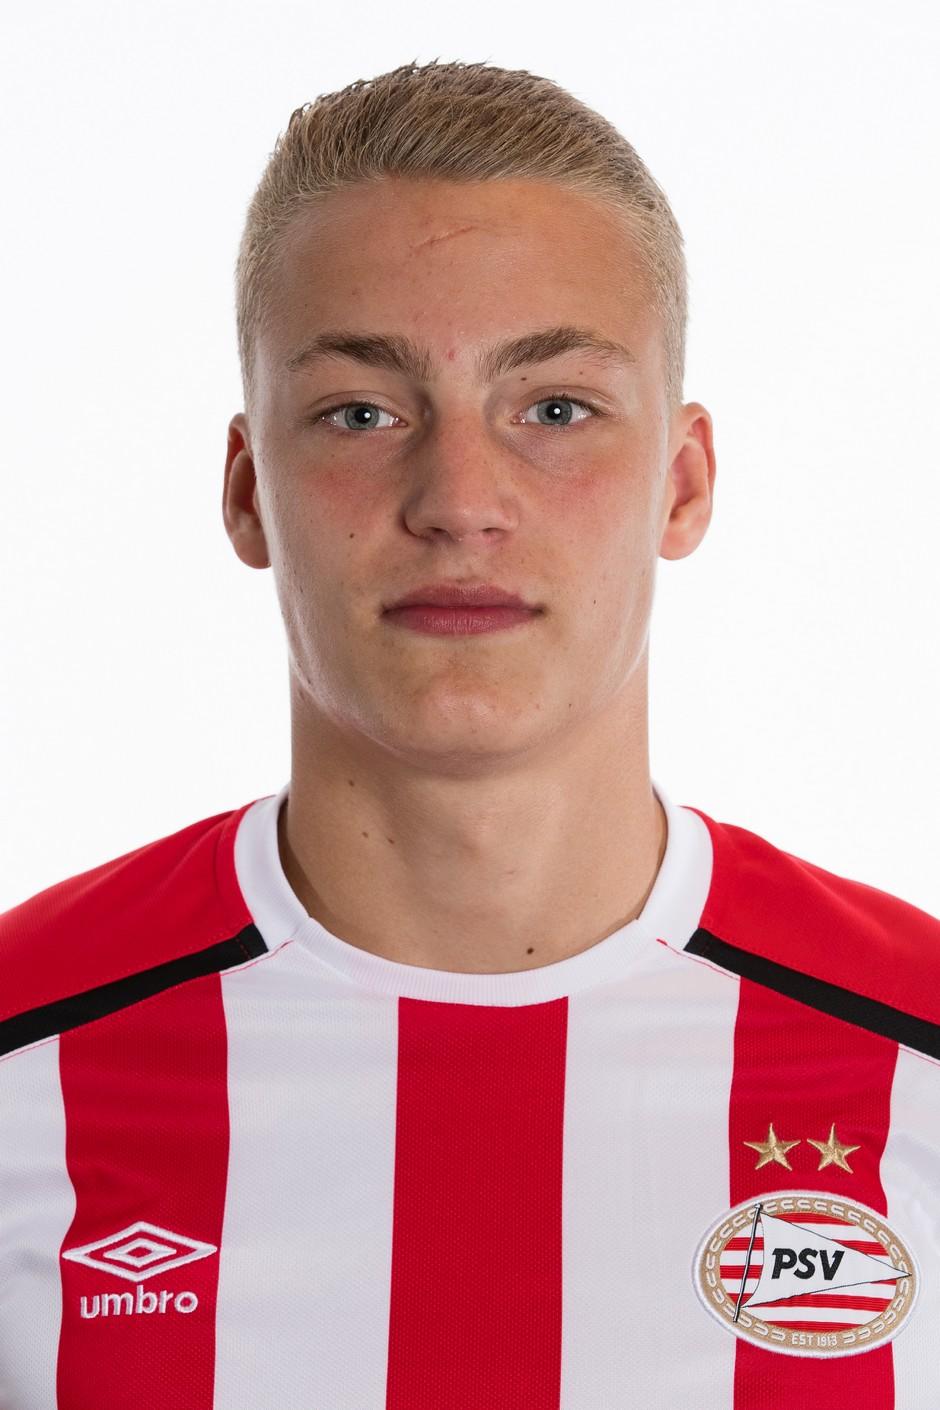 Davy van den Berg